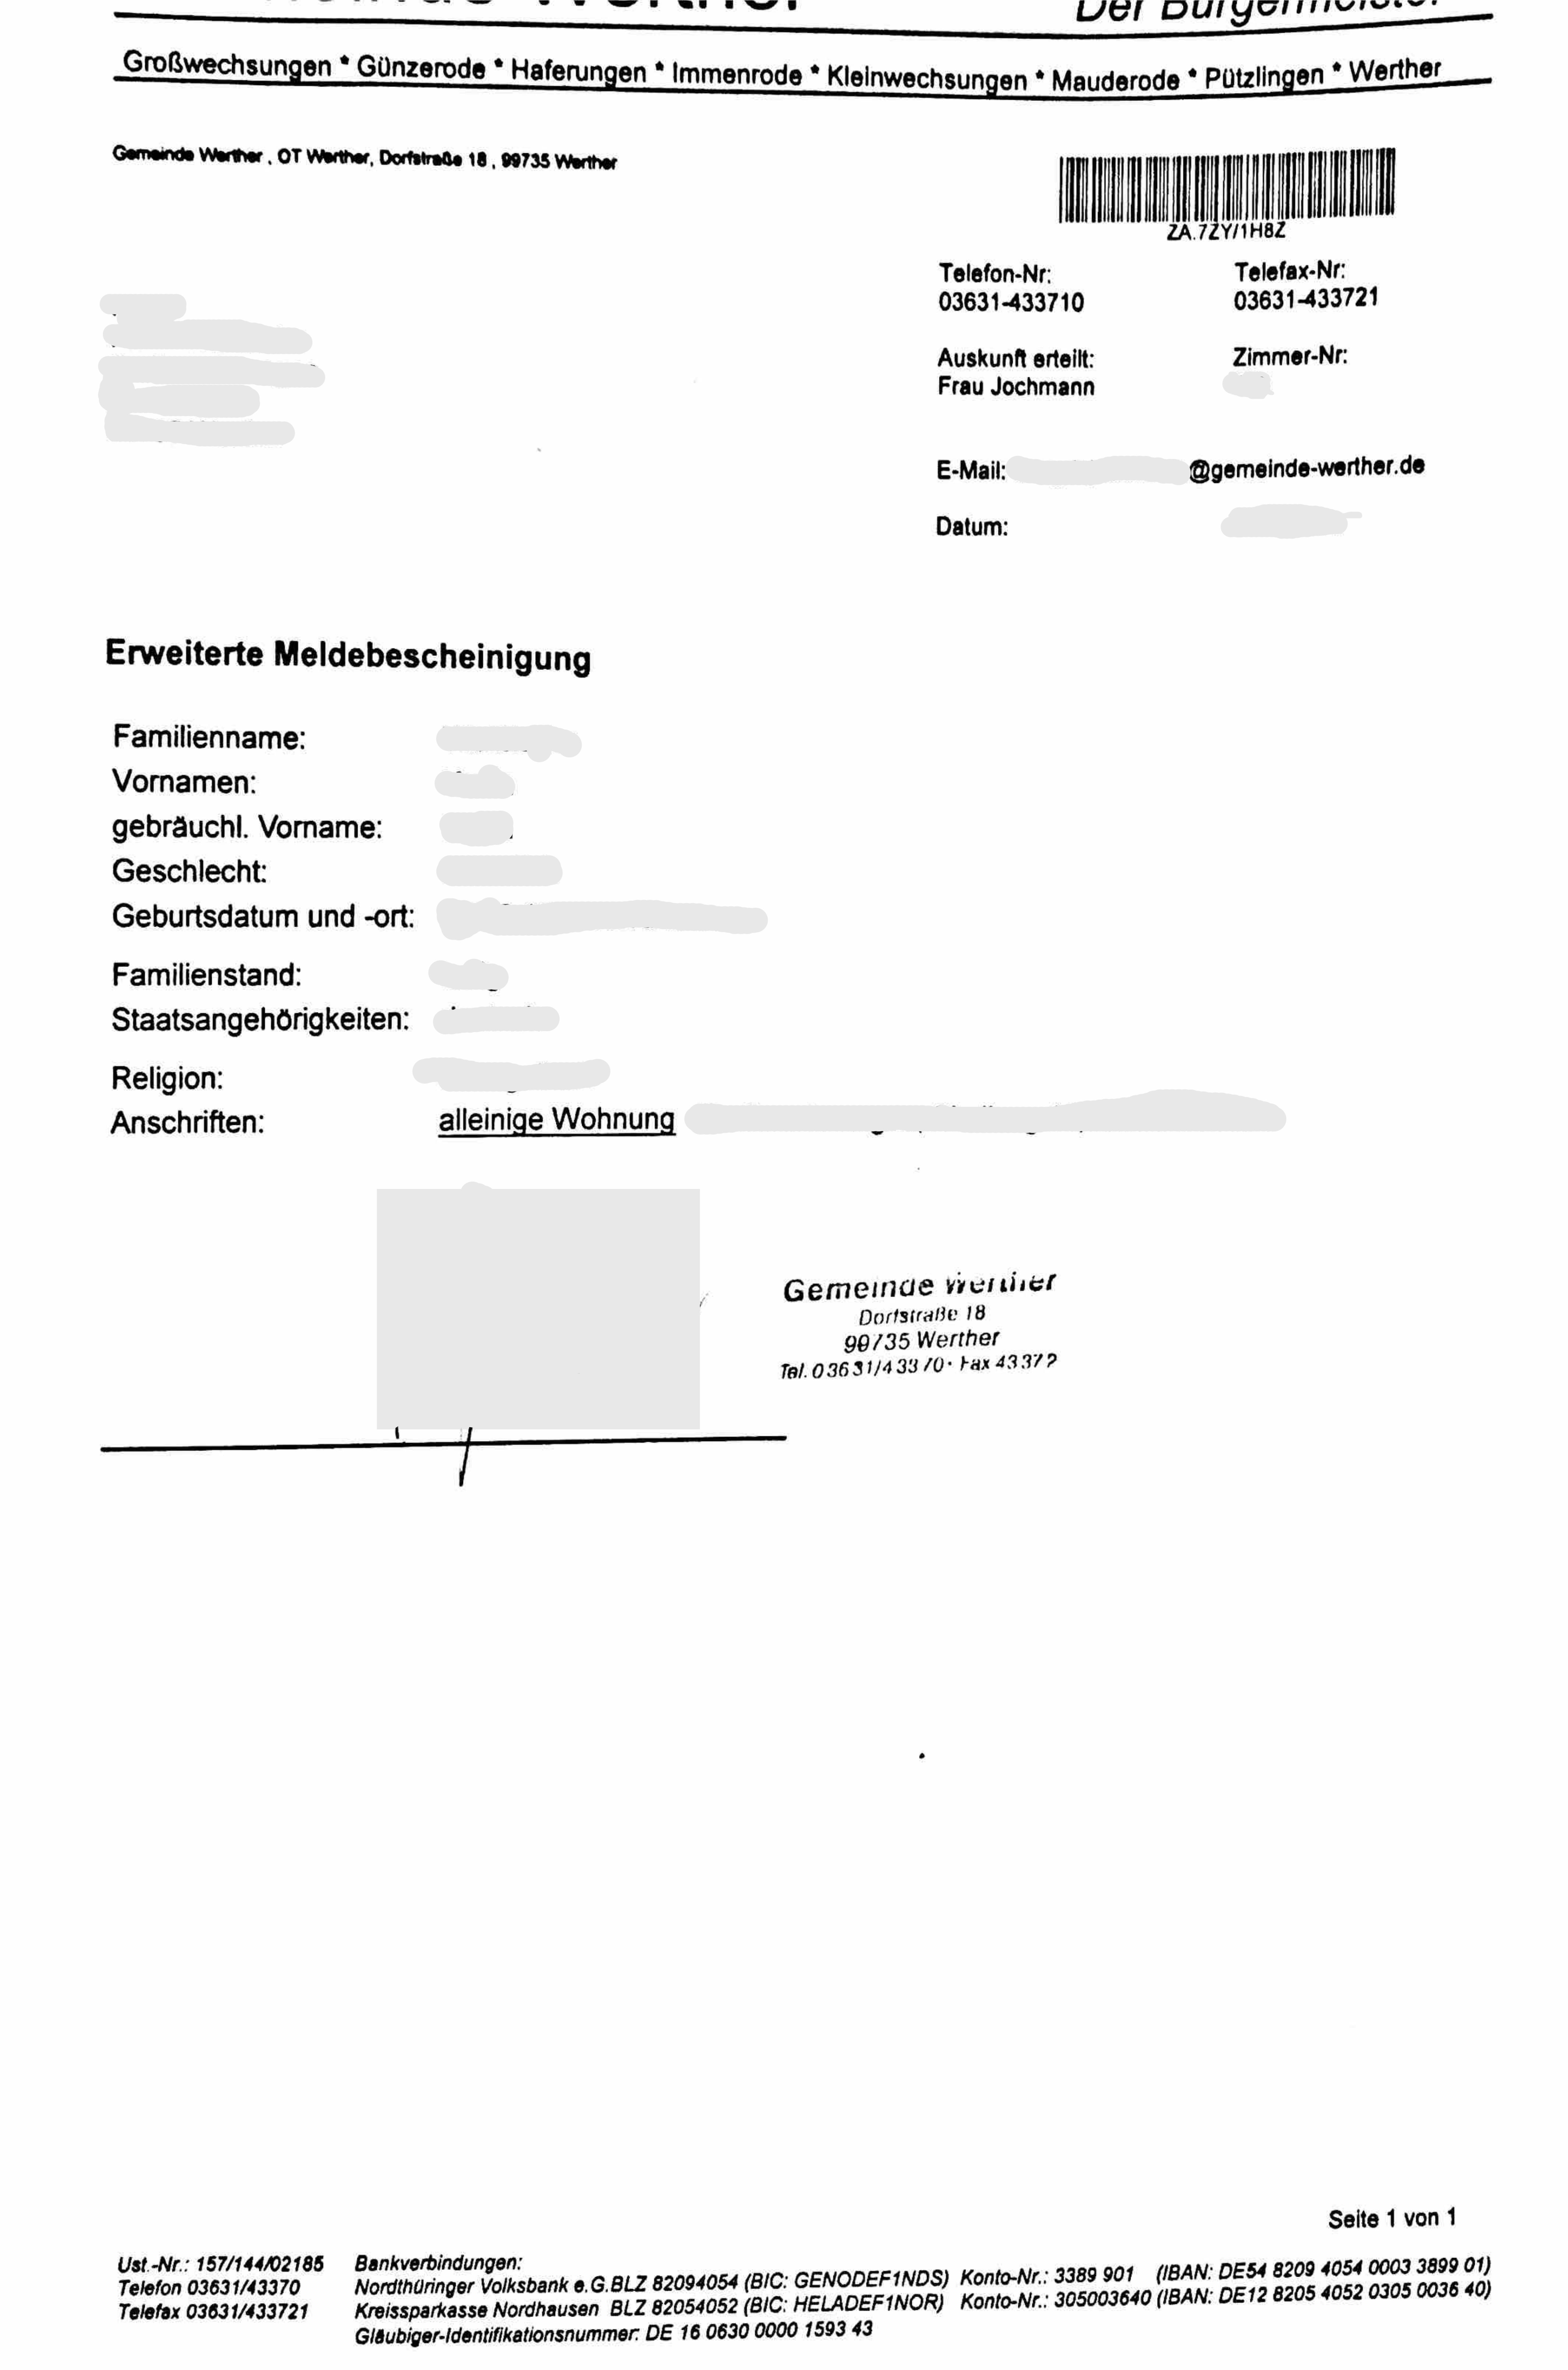 Erweiterte Meldebescheinigung Werther De En Musterubersetzungen Von Urkunden